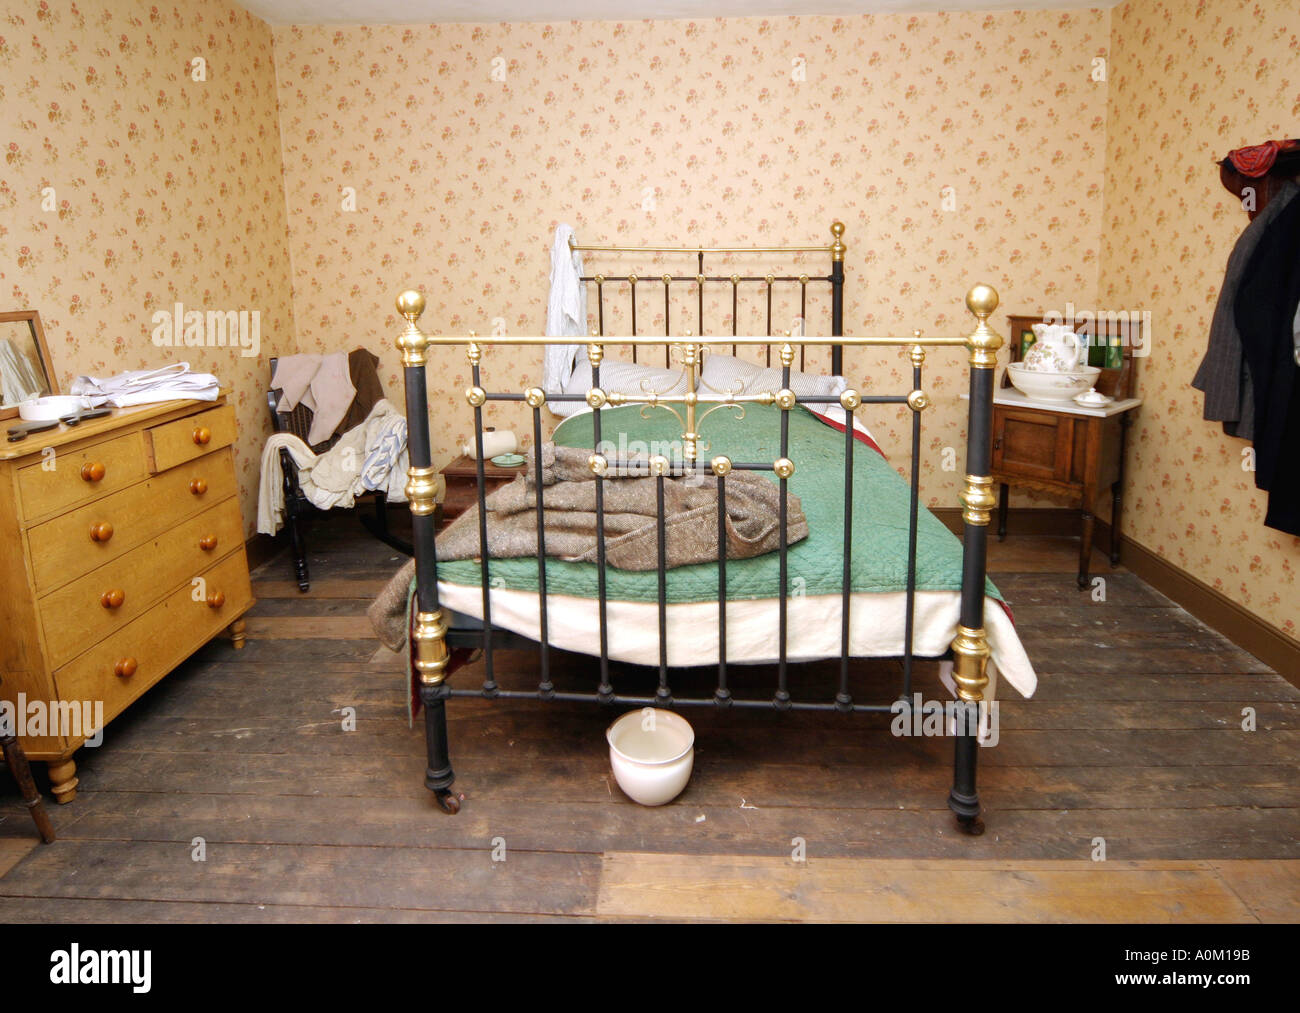 Una camera da letto in un back to back casa sull'angolo di Inge Street e Hurst Street Birmingham Inghilterra Immagini Stock